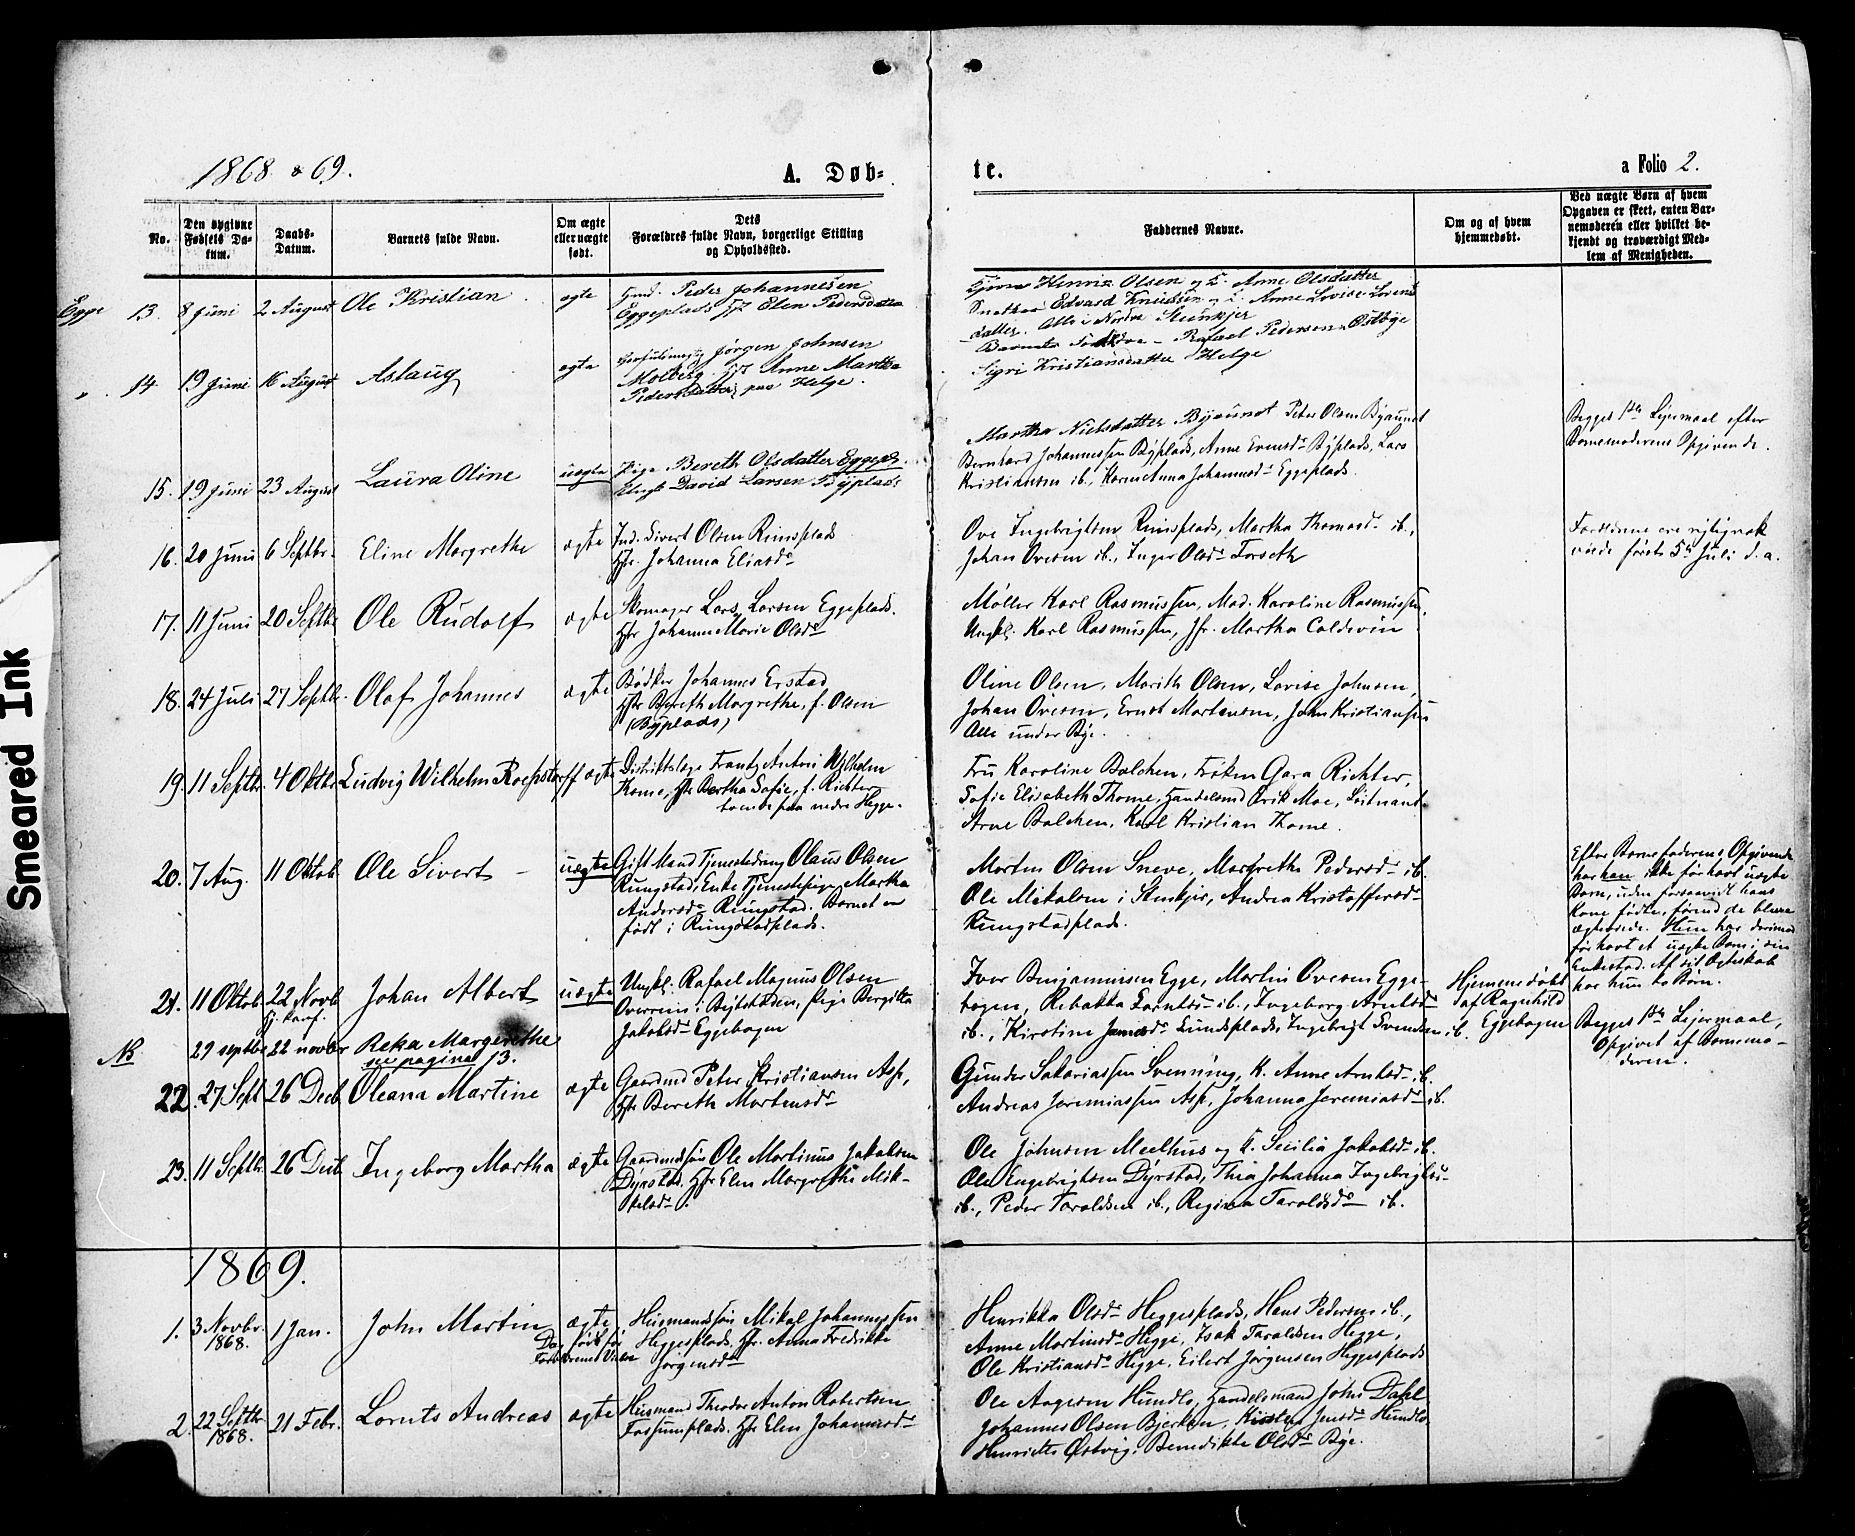 SAT, Ministerialprotokoller, klokkerbøker og fødselsregistre - Nord-Trøndelag, 740/L0380: Klokkerbok nr. 740C01, 1868-1902, s. 2